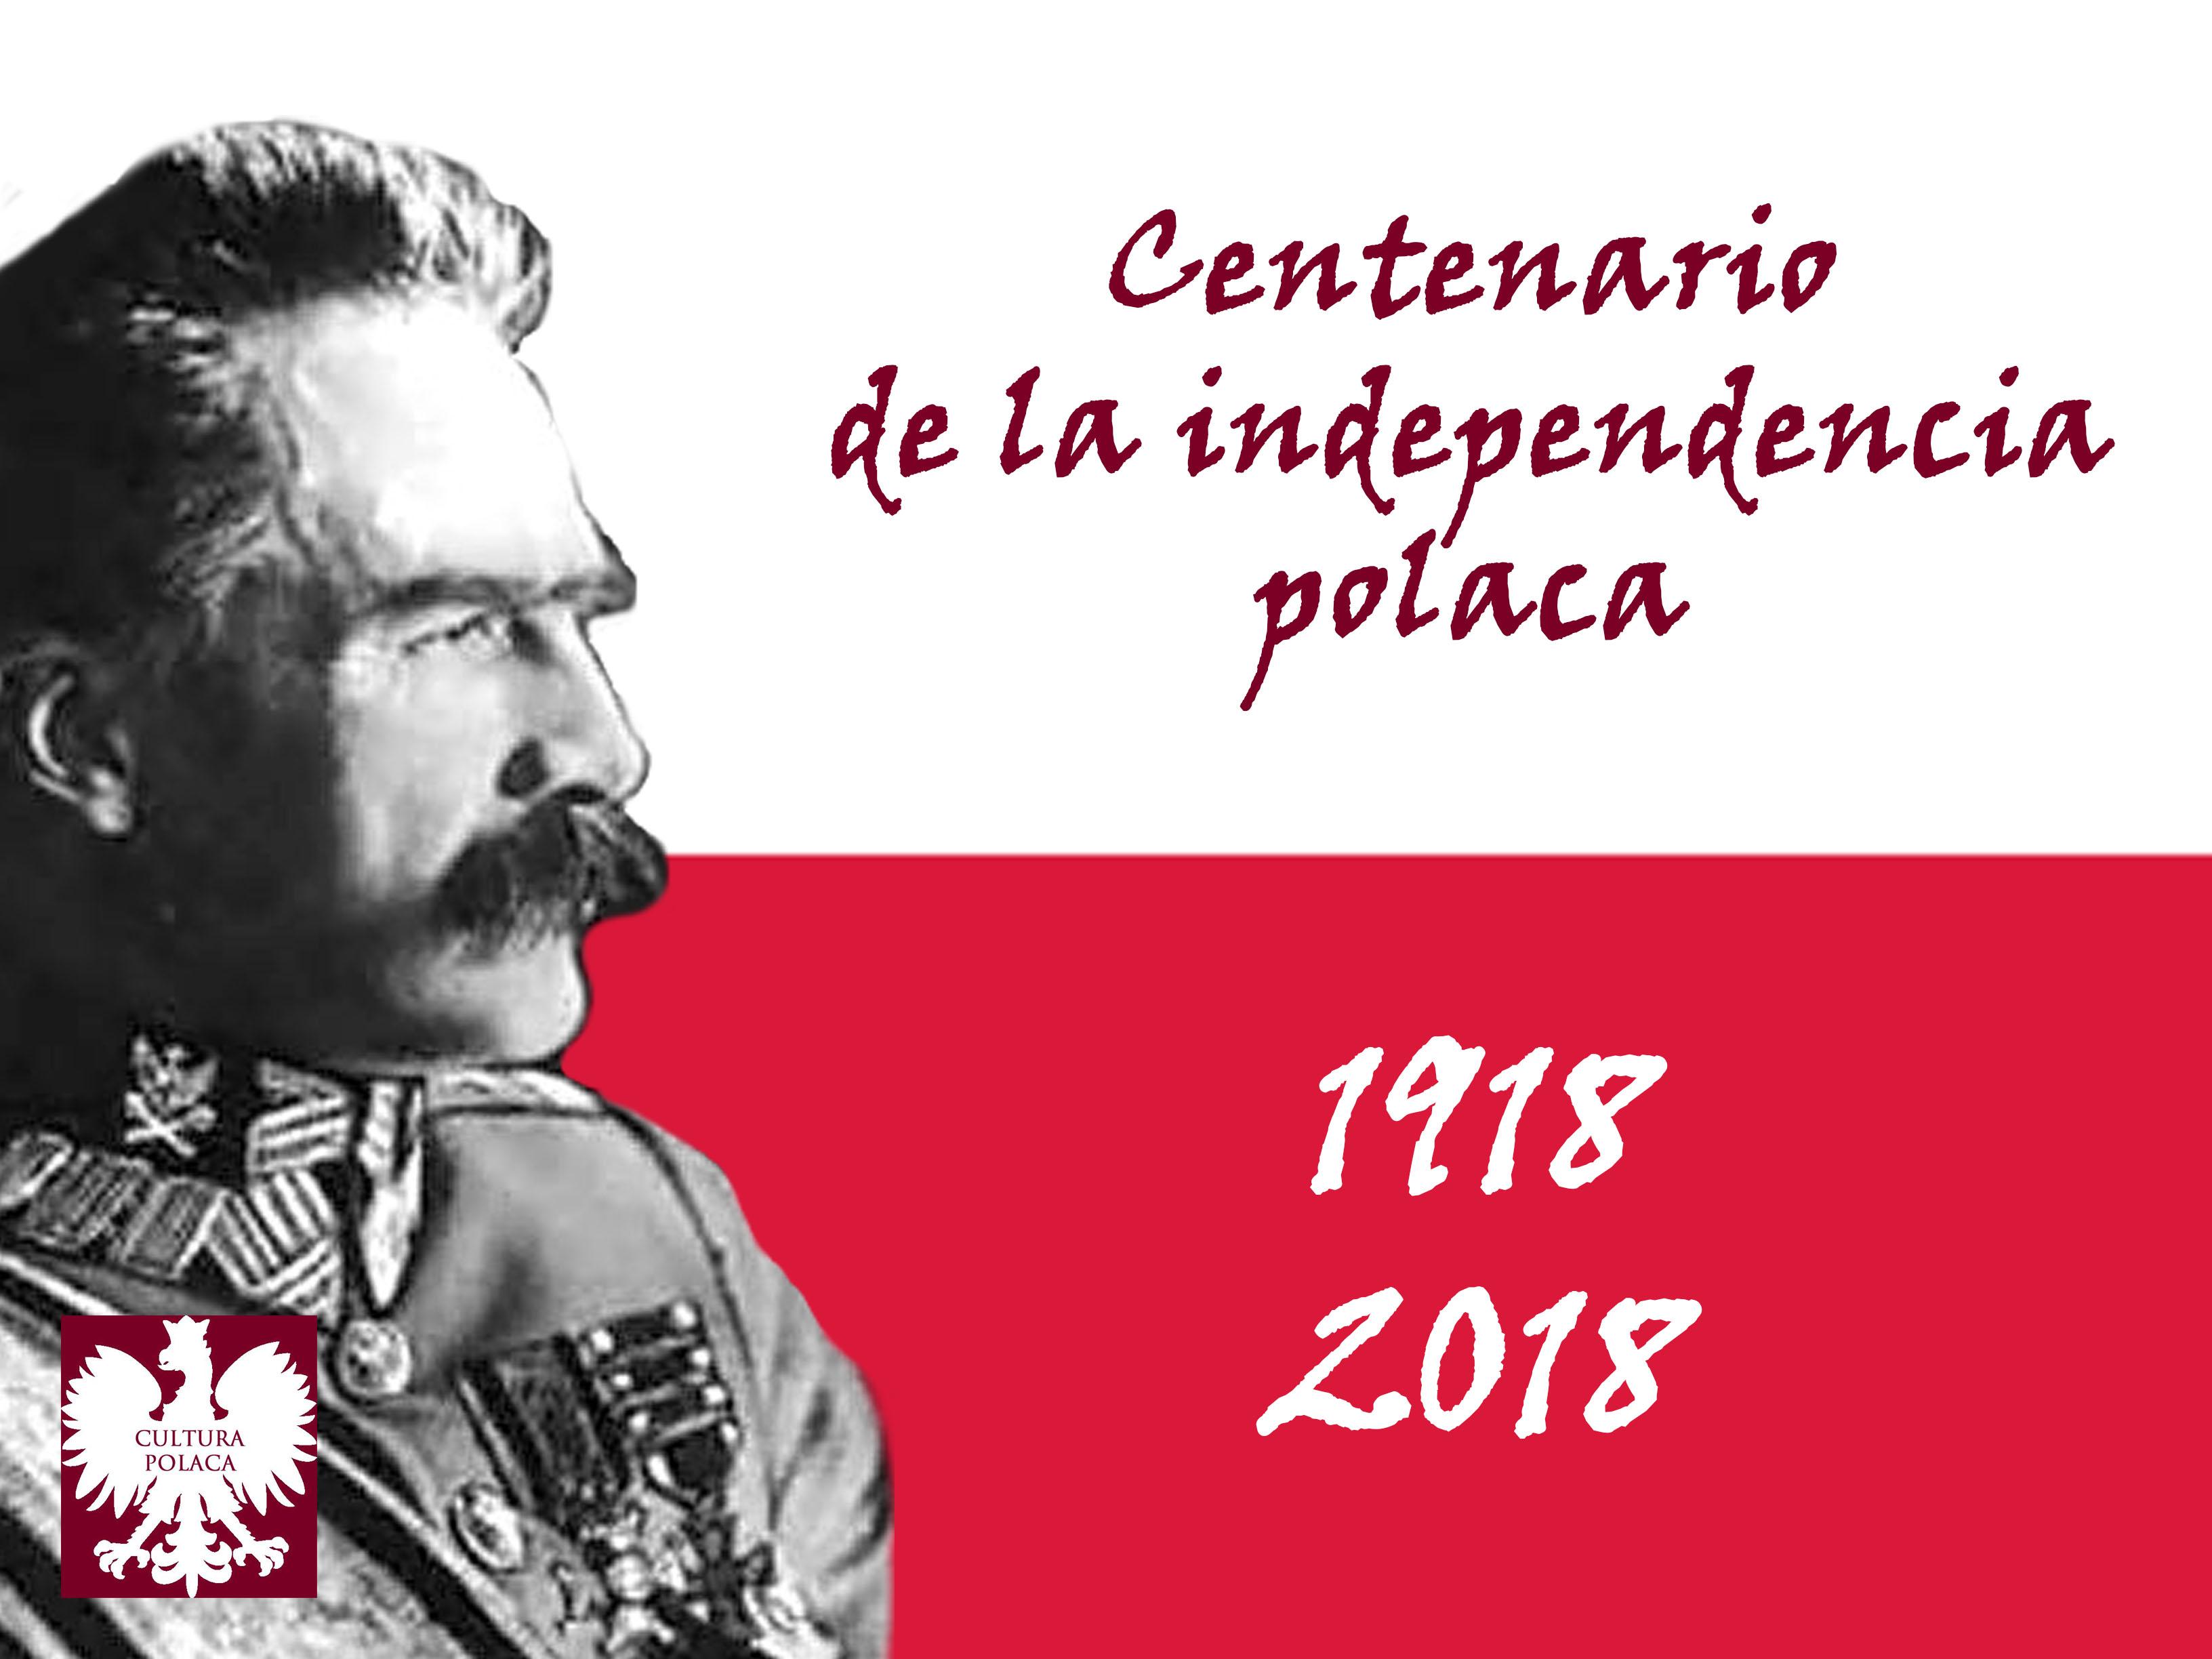 11 de noviembre de 1918: Polonia recupera su independencia